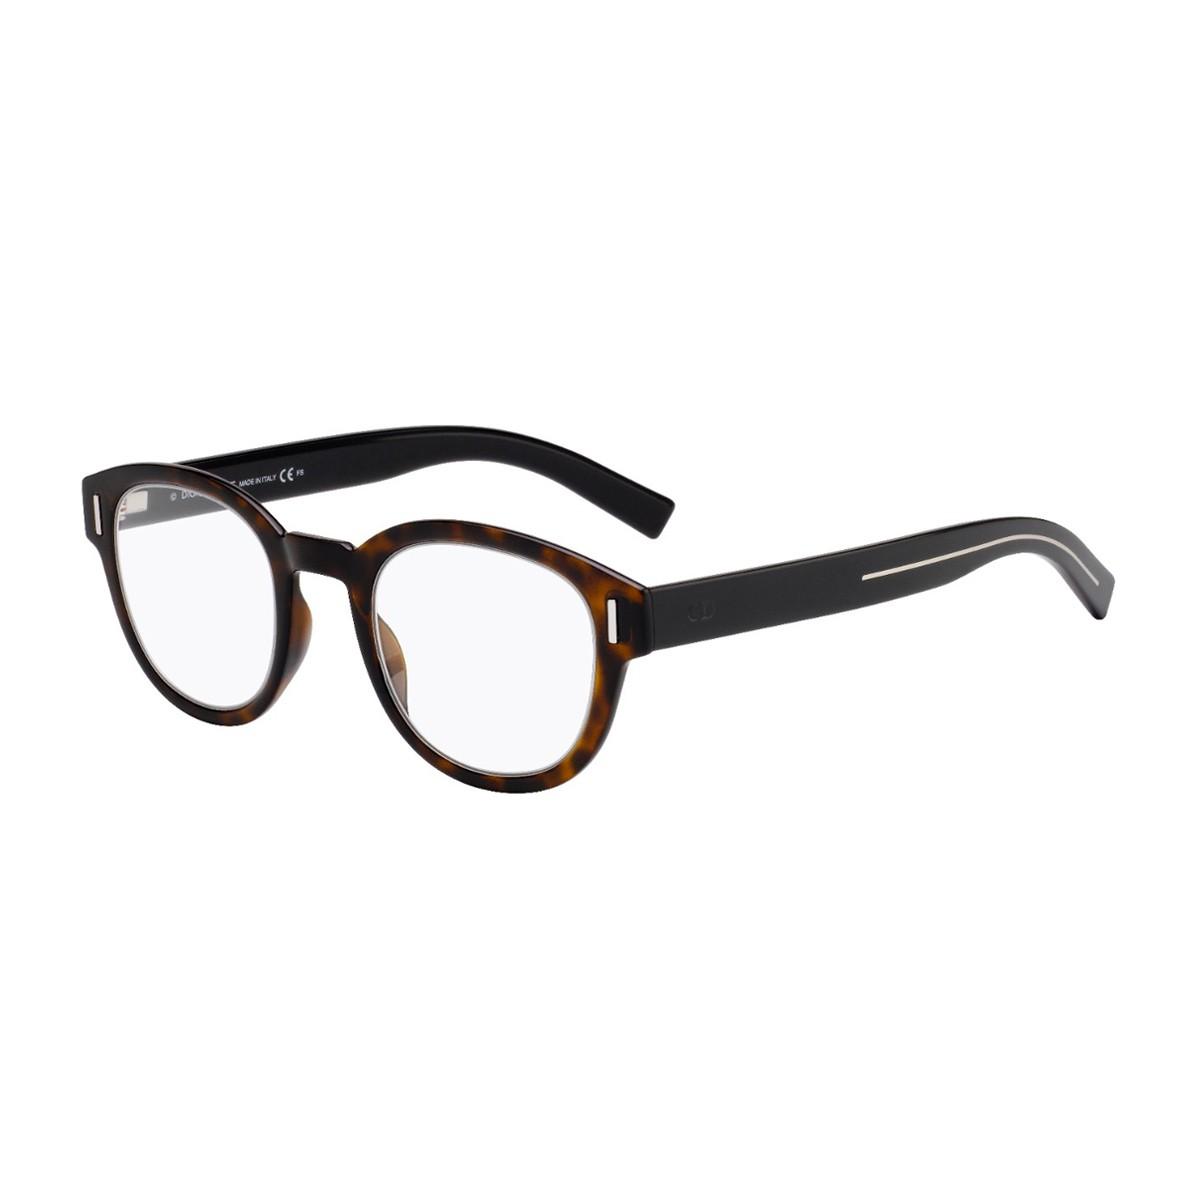 Dior Fraction O3 | Occhiali da vista Uomo